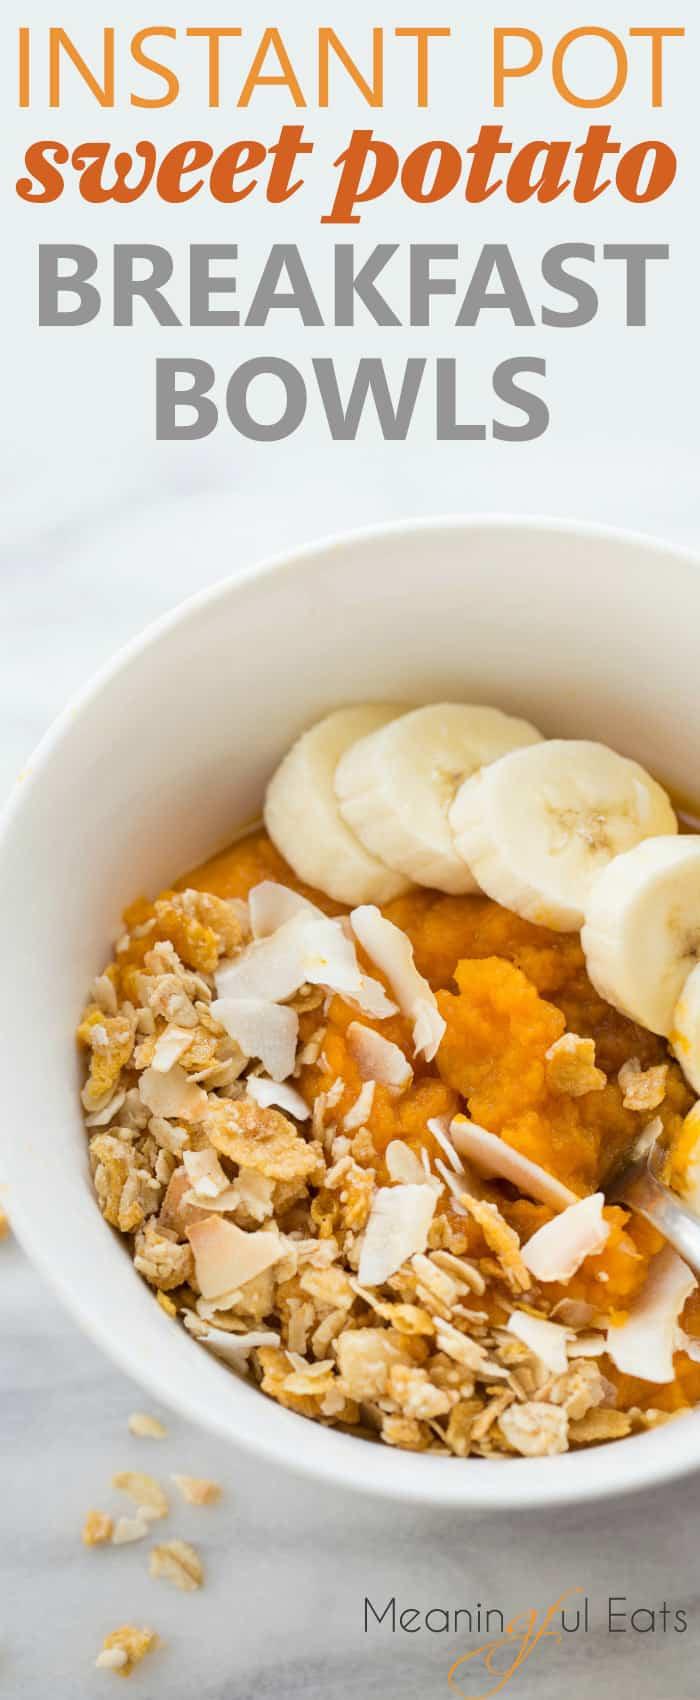 Instant Pot Sweet Potato Breakfast Bowls! An easy, healthy and filling breakfast! #glutenfree #dairyfree #vegan